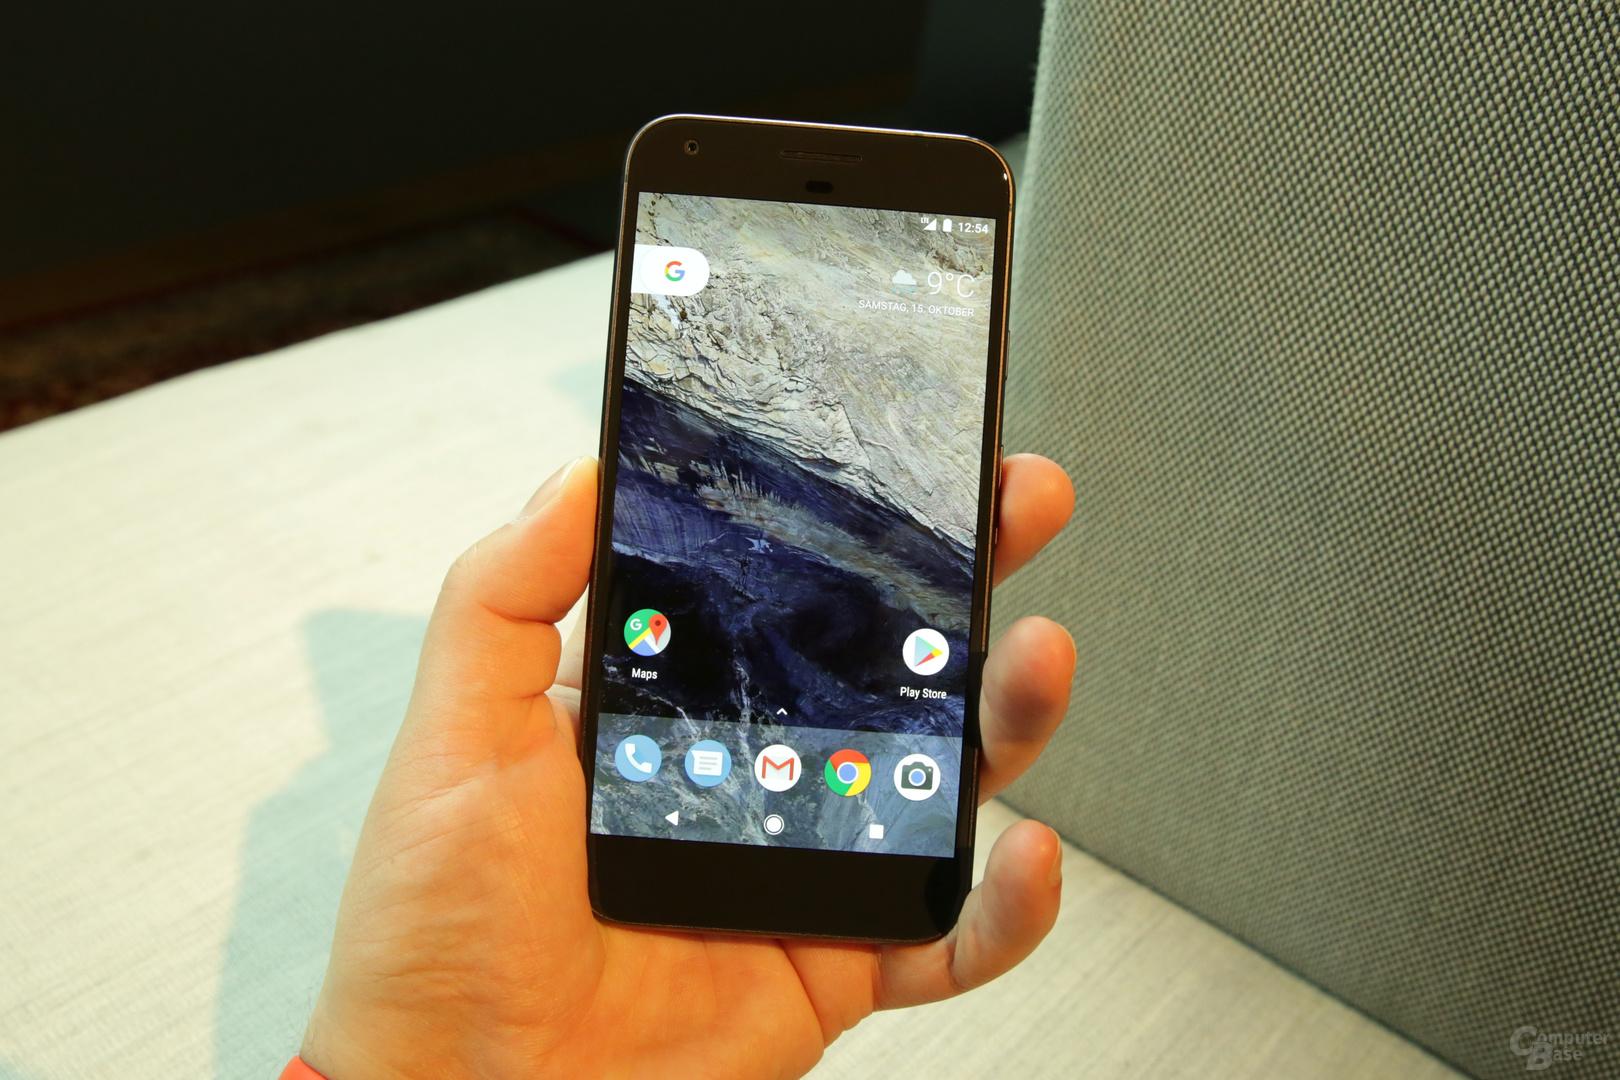 Google gelingt die Neupositionierung am Markt mit dem Pixel